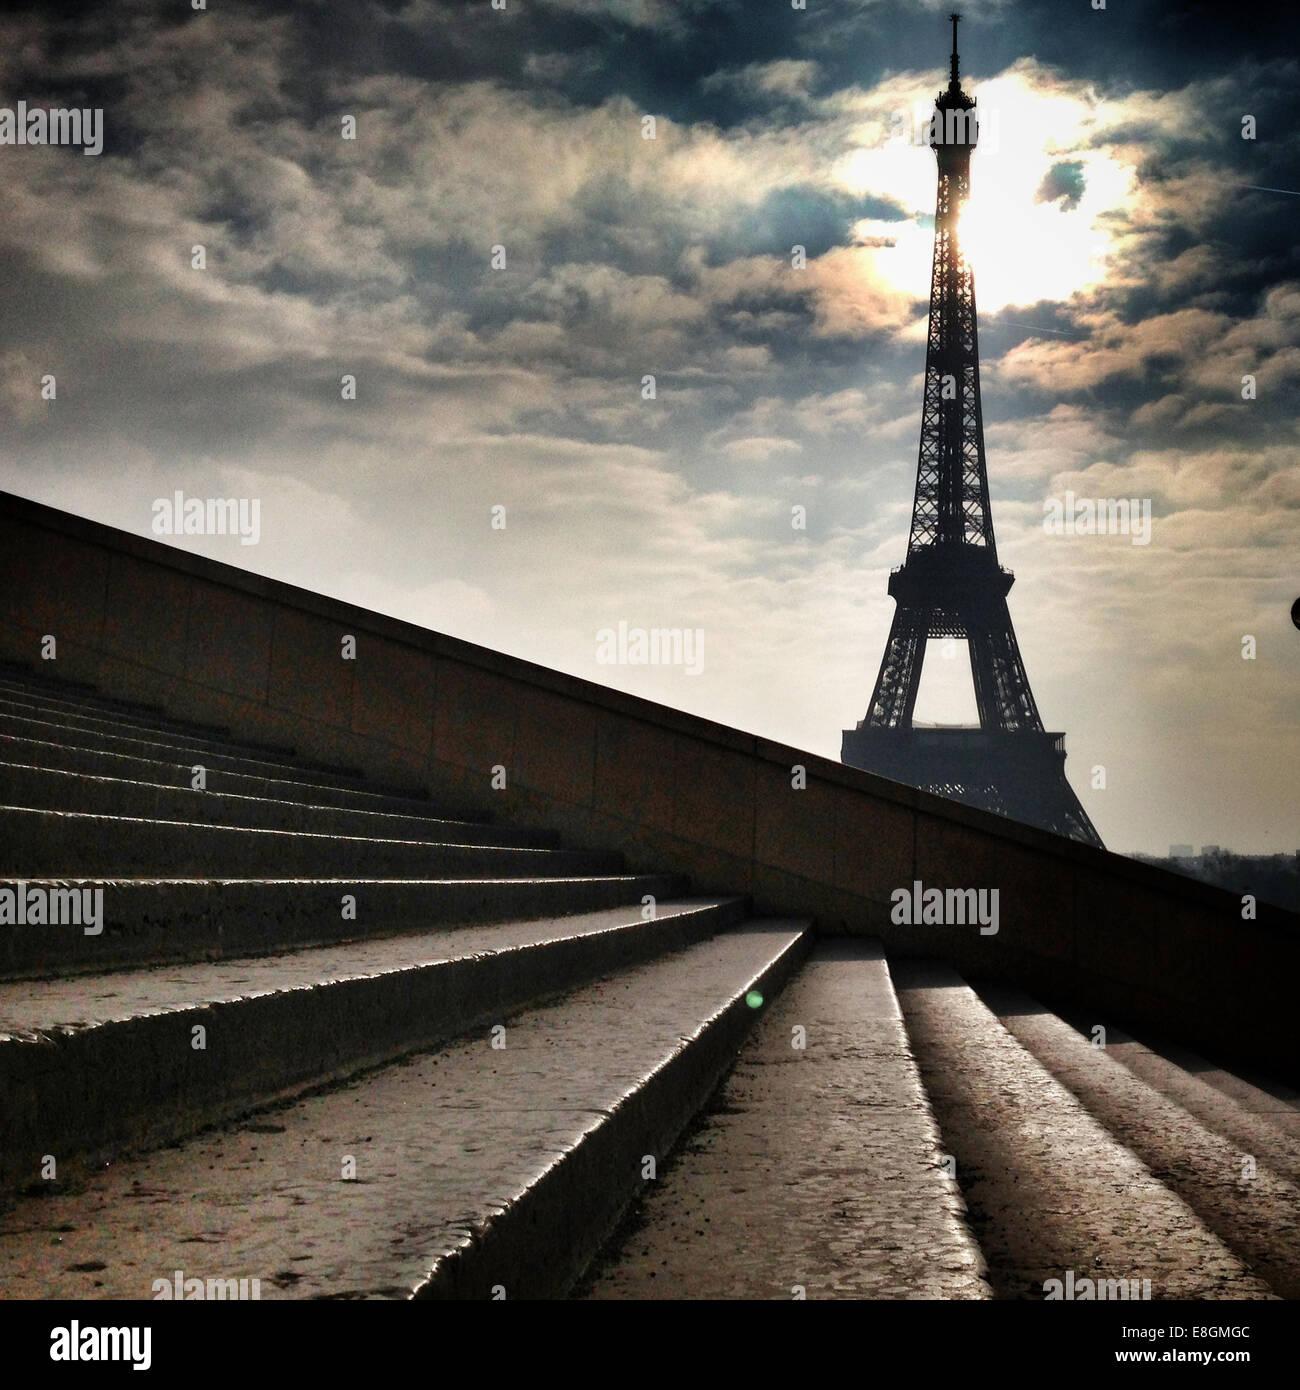 Frankreich, Paris, Eiffel Tower aus gesehen Stockbild